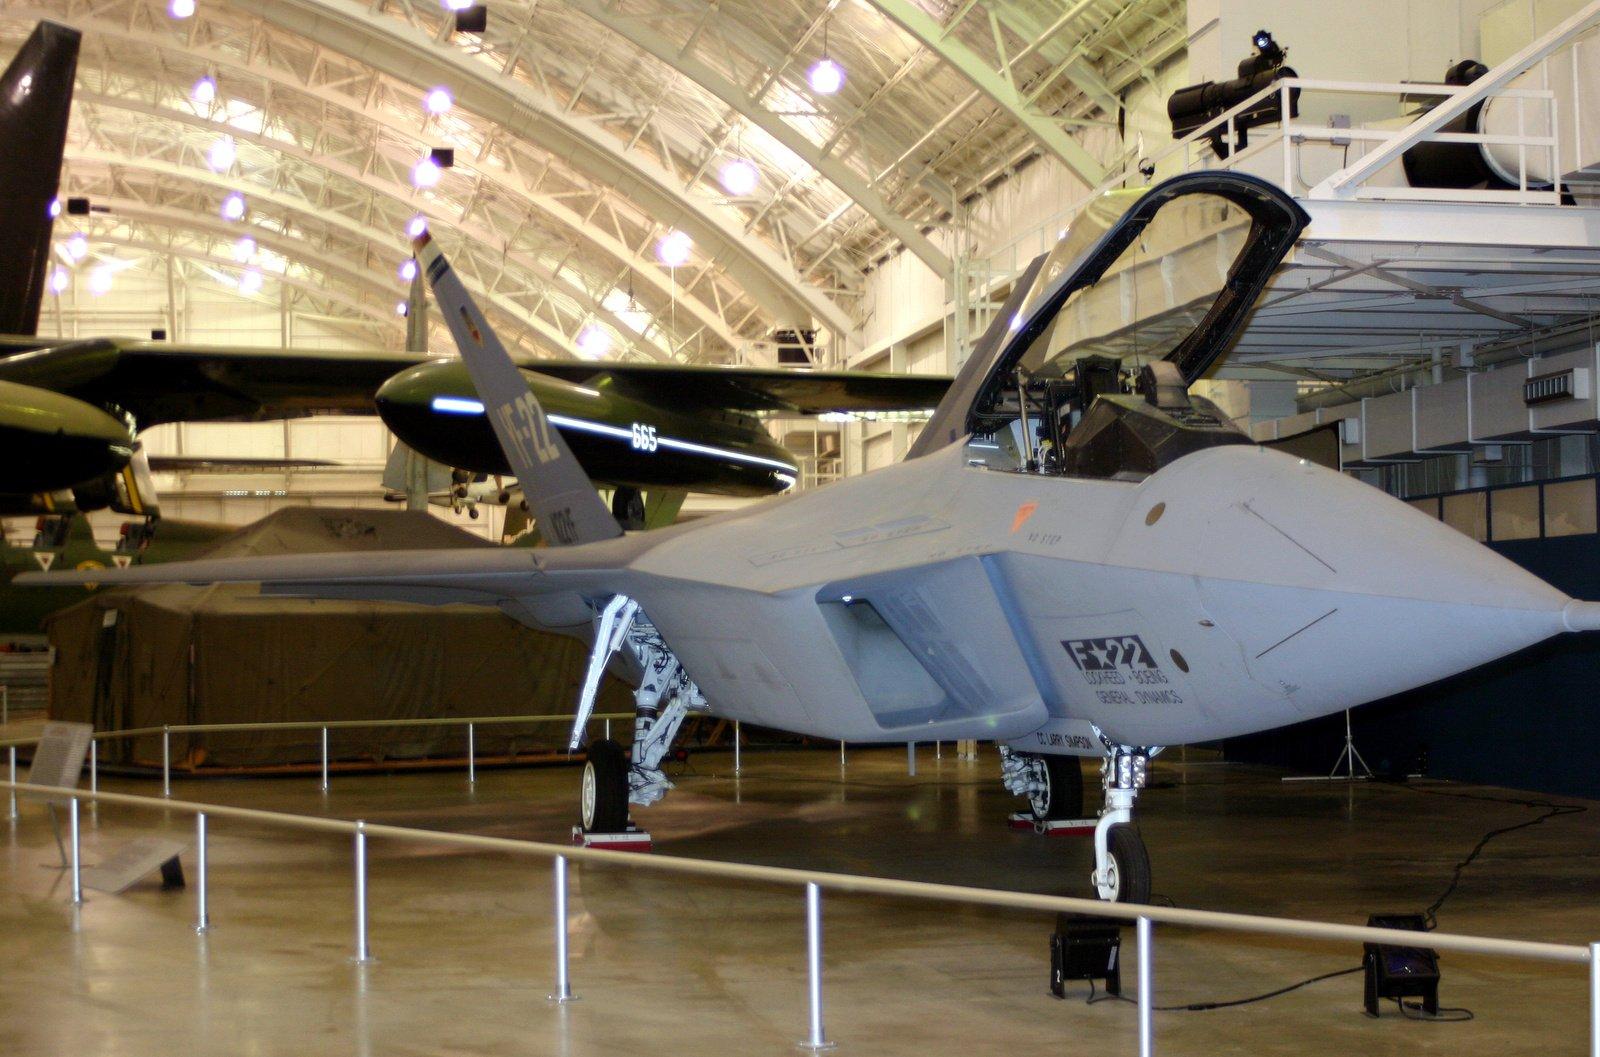 Jet,Plane,Fighter,Pilot,Raptor,Bomber,Wing,Usaf,Navy,Air,Force,Military,jet,plane,fighter